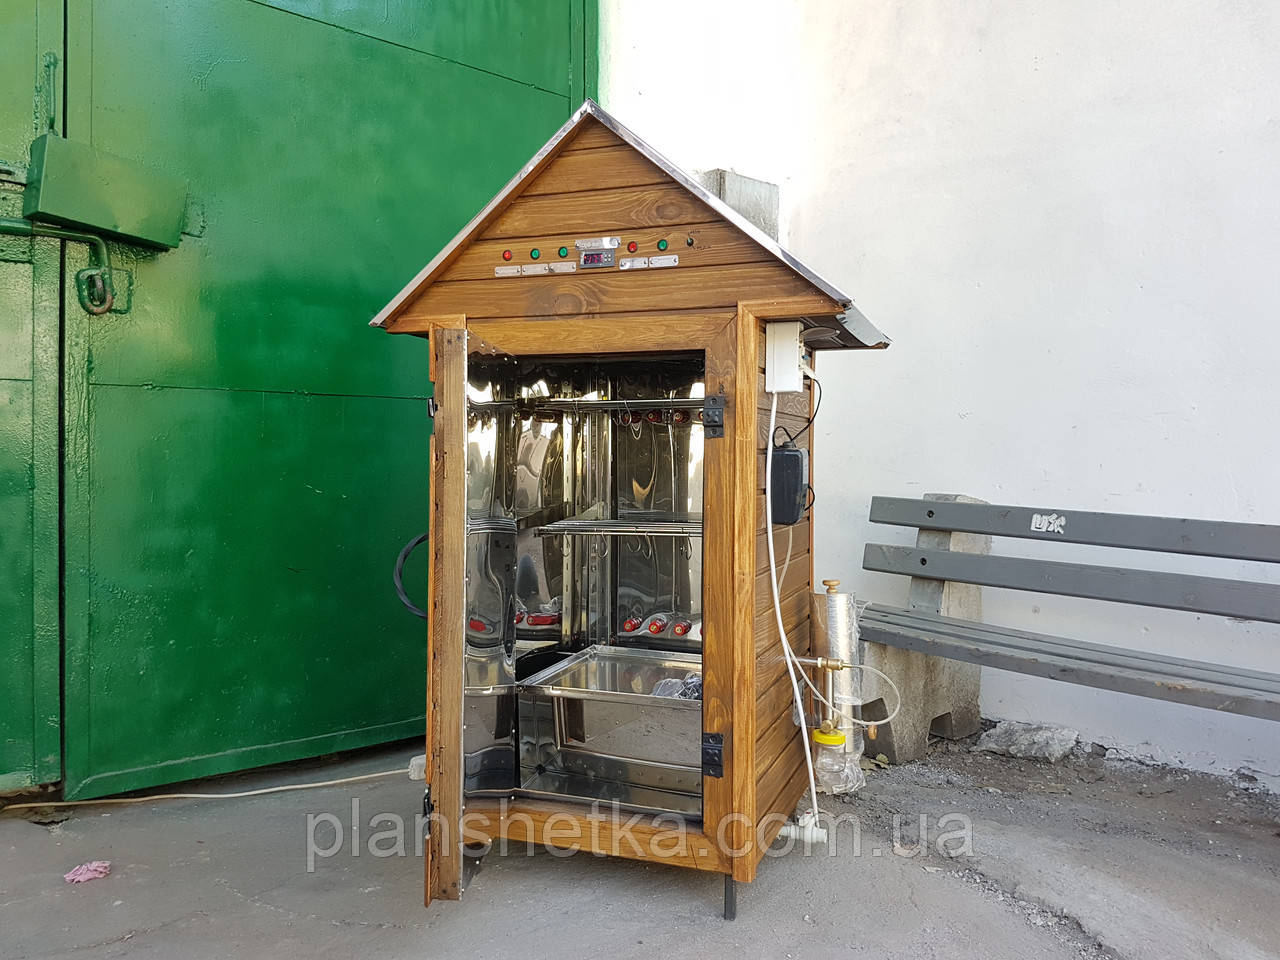 Коптильня 250л холодного и горячего копчения + просушка (нержавейка внутри, крыша домик)